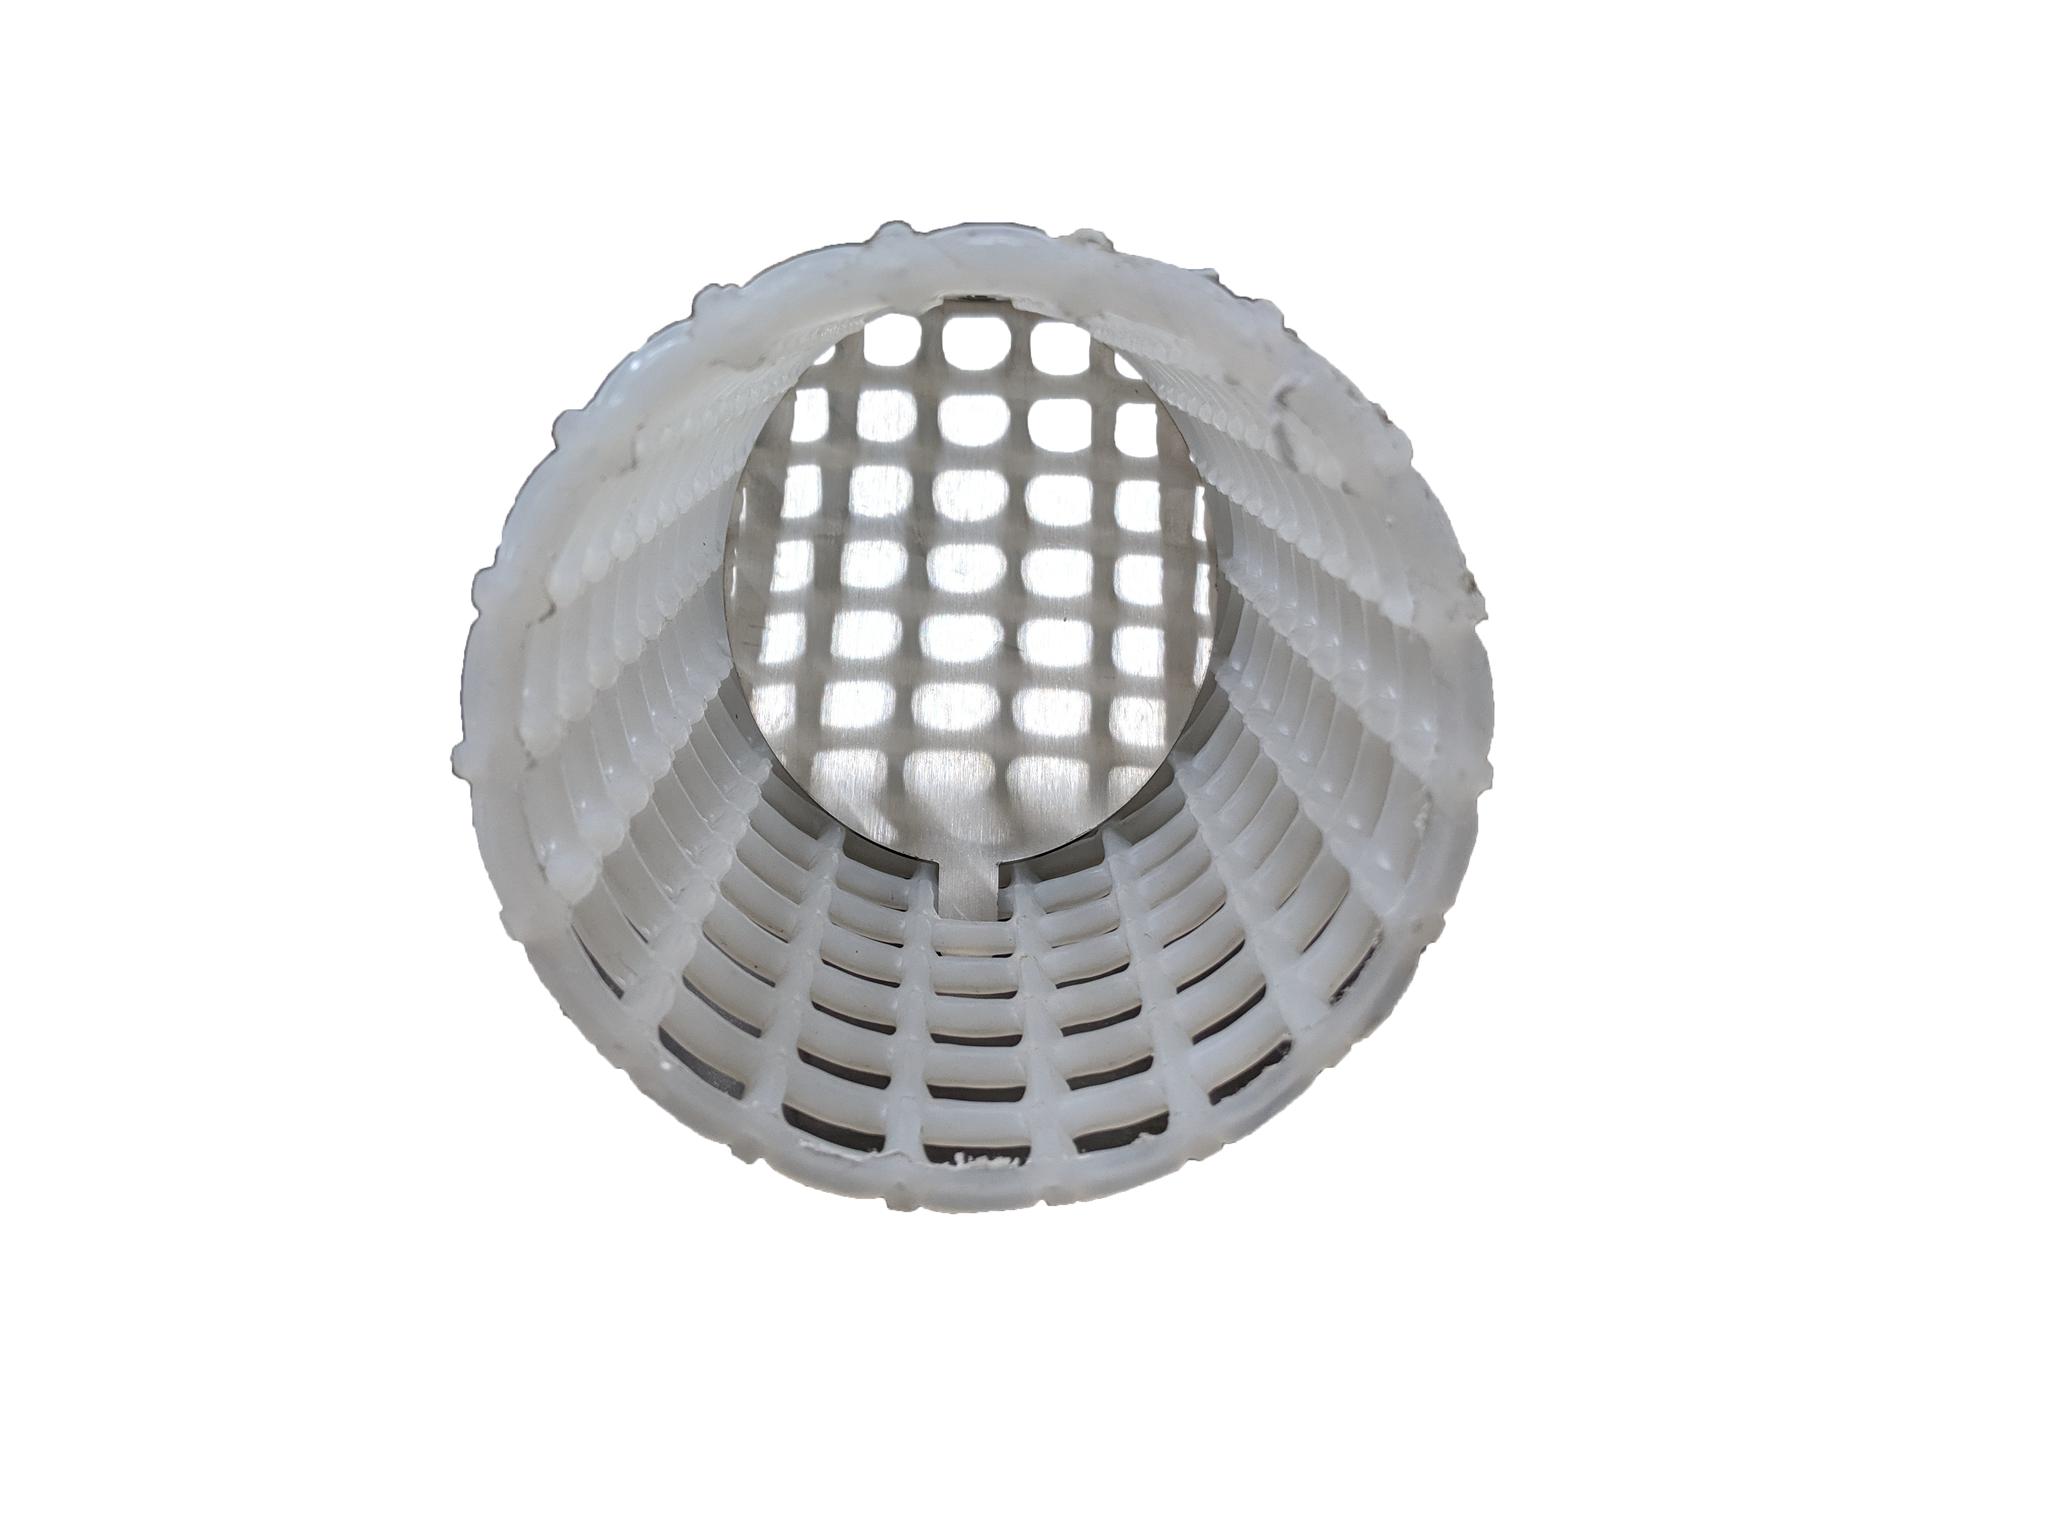 Umlenkblech für Kunststoff Filtersiebrohr 110mm